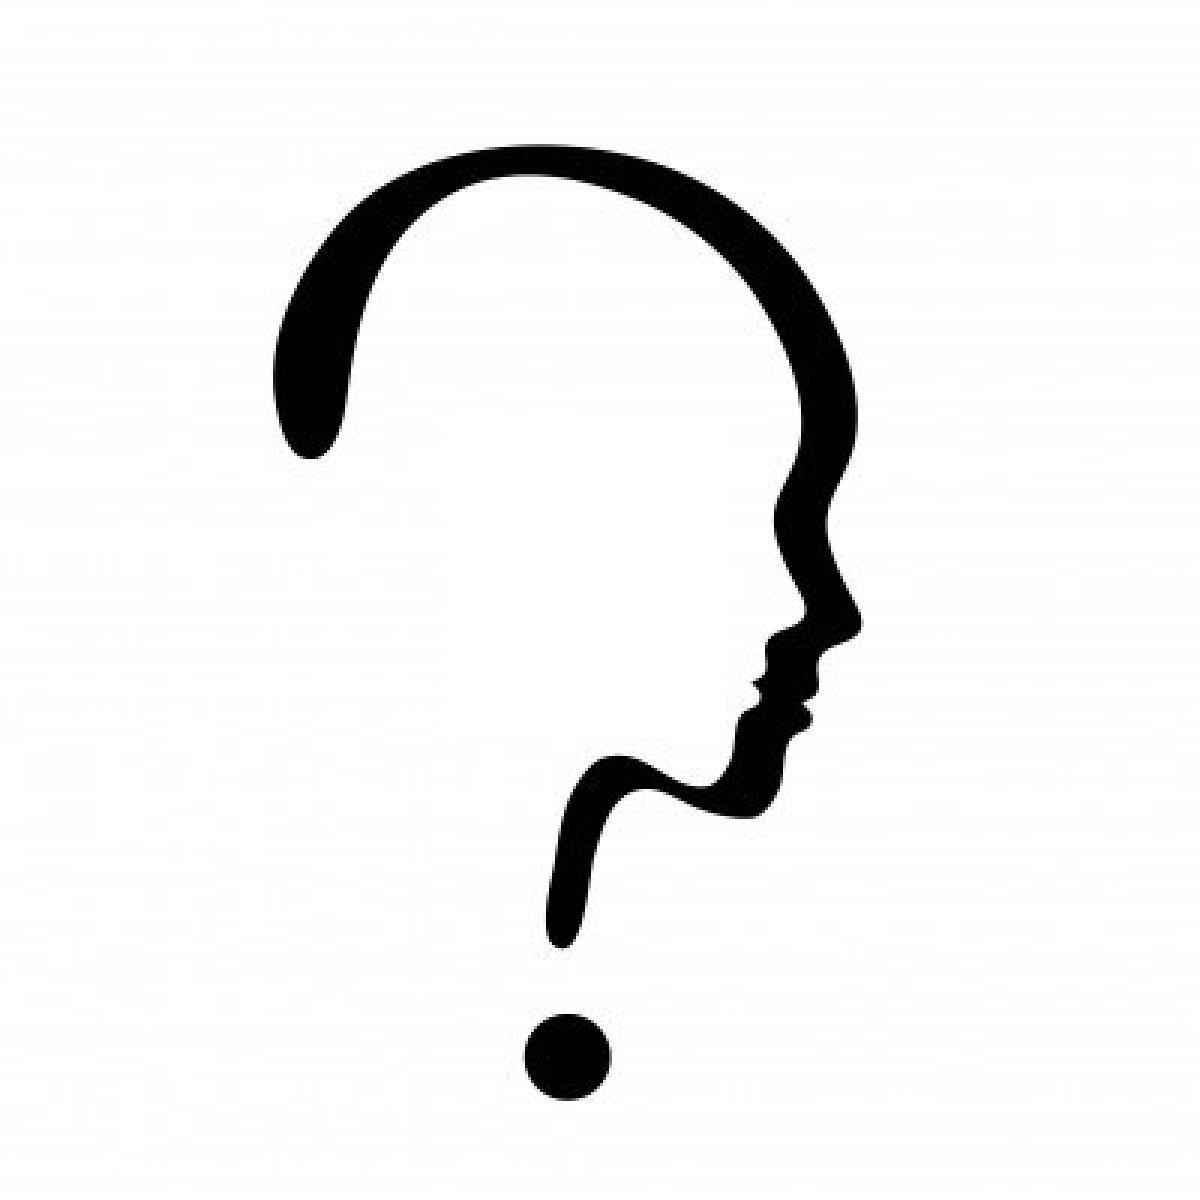 Частые вопросы психологу. Консультации психолога в Санкт-Петербурге